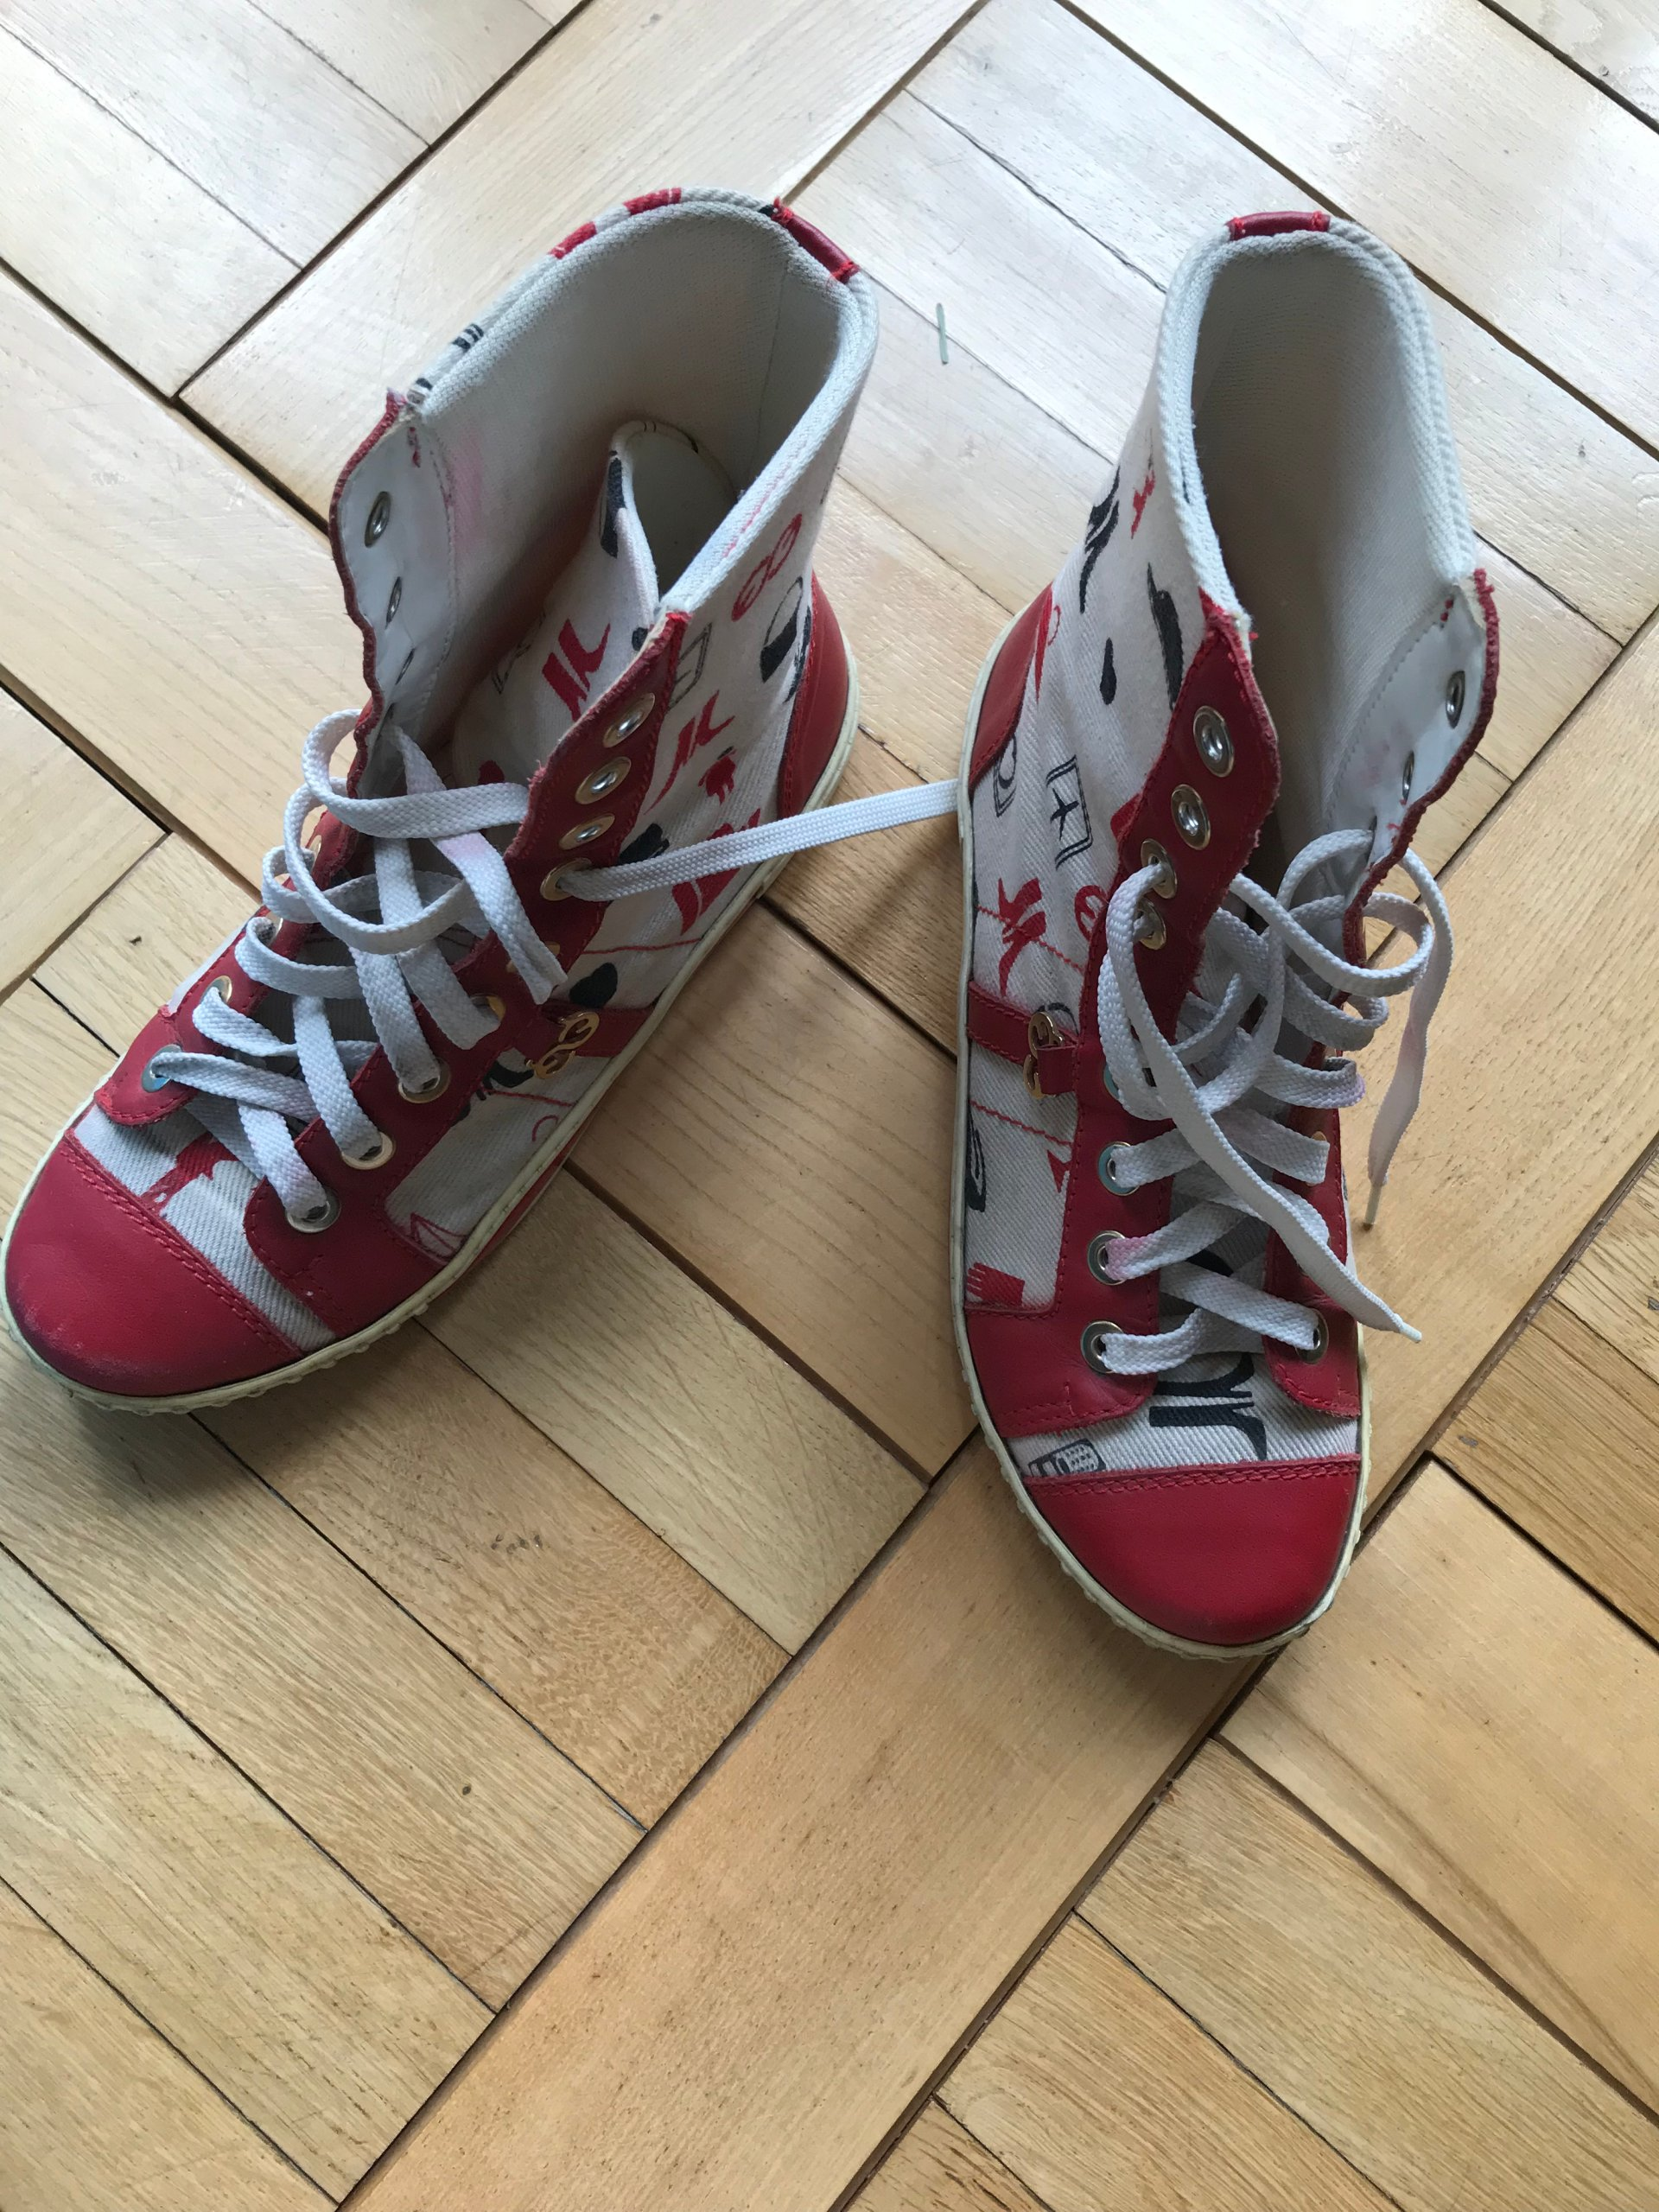 d0178f189fbe5 ESCADA SPORT trampki buty sneaker sneakers r. 37 - 7266203848 ...